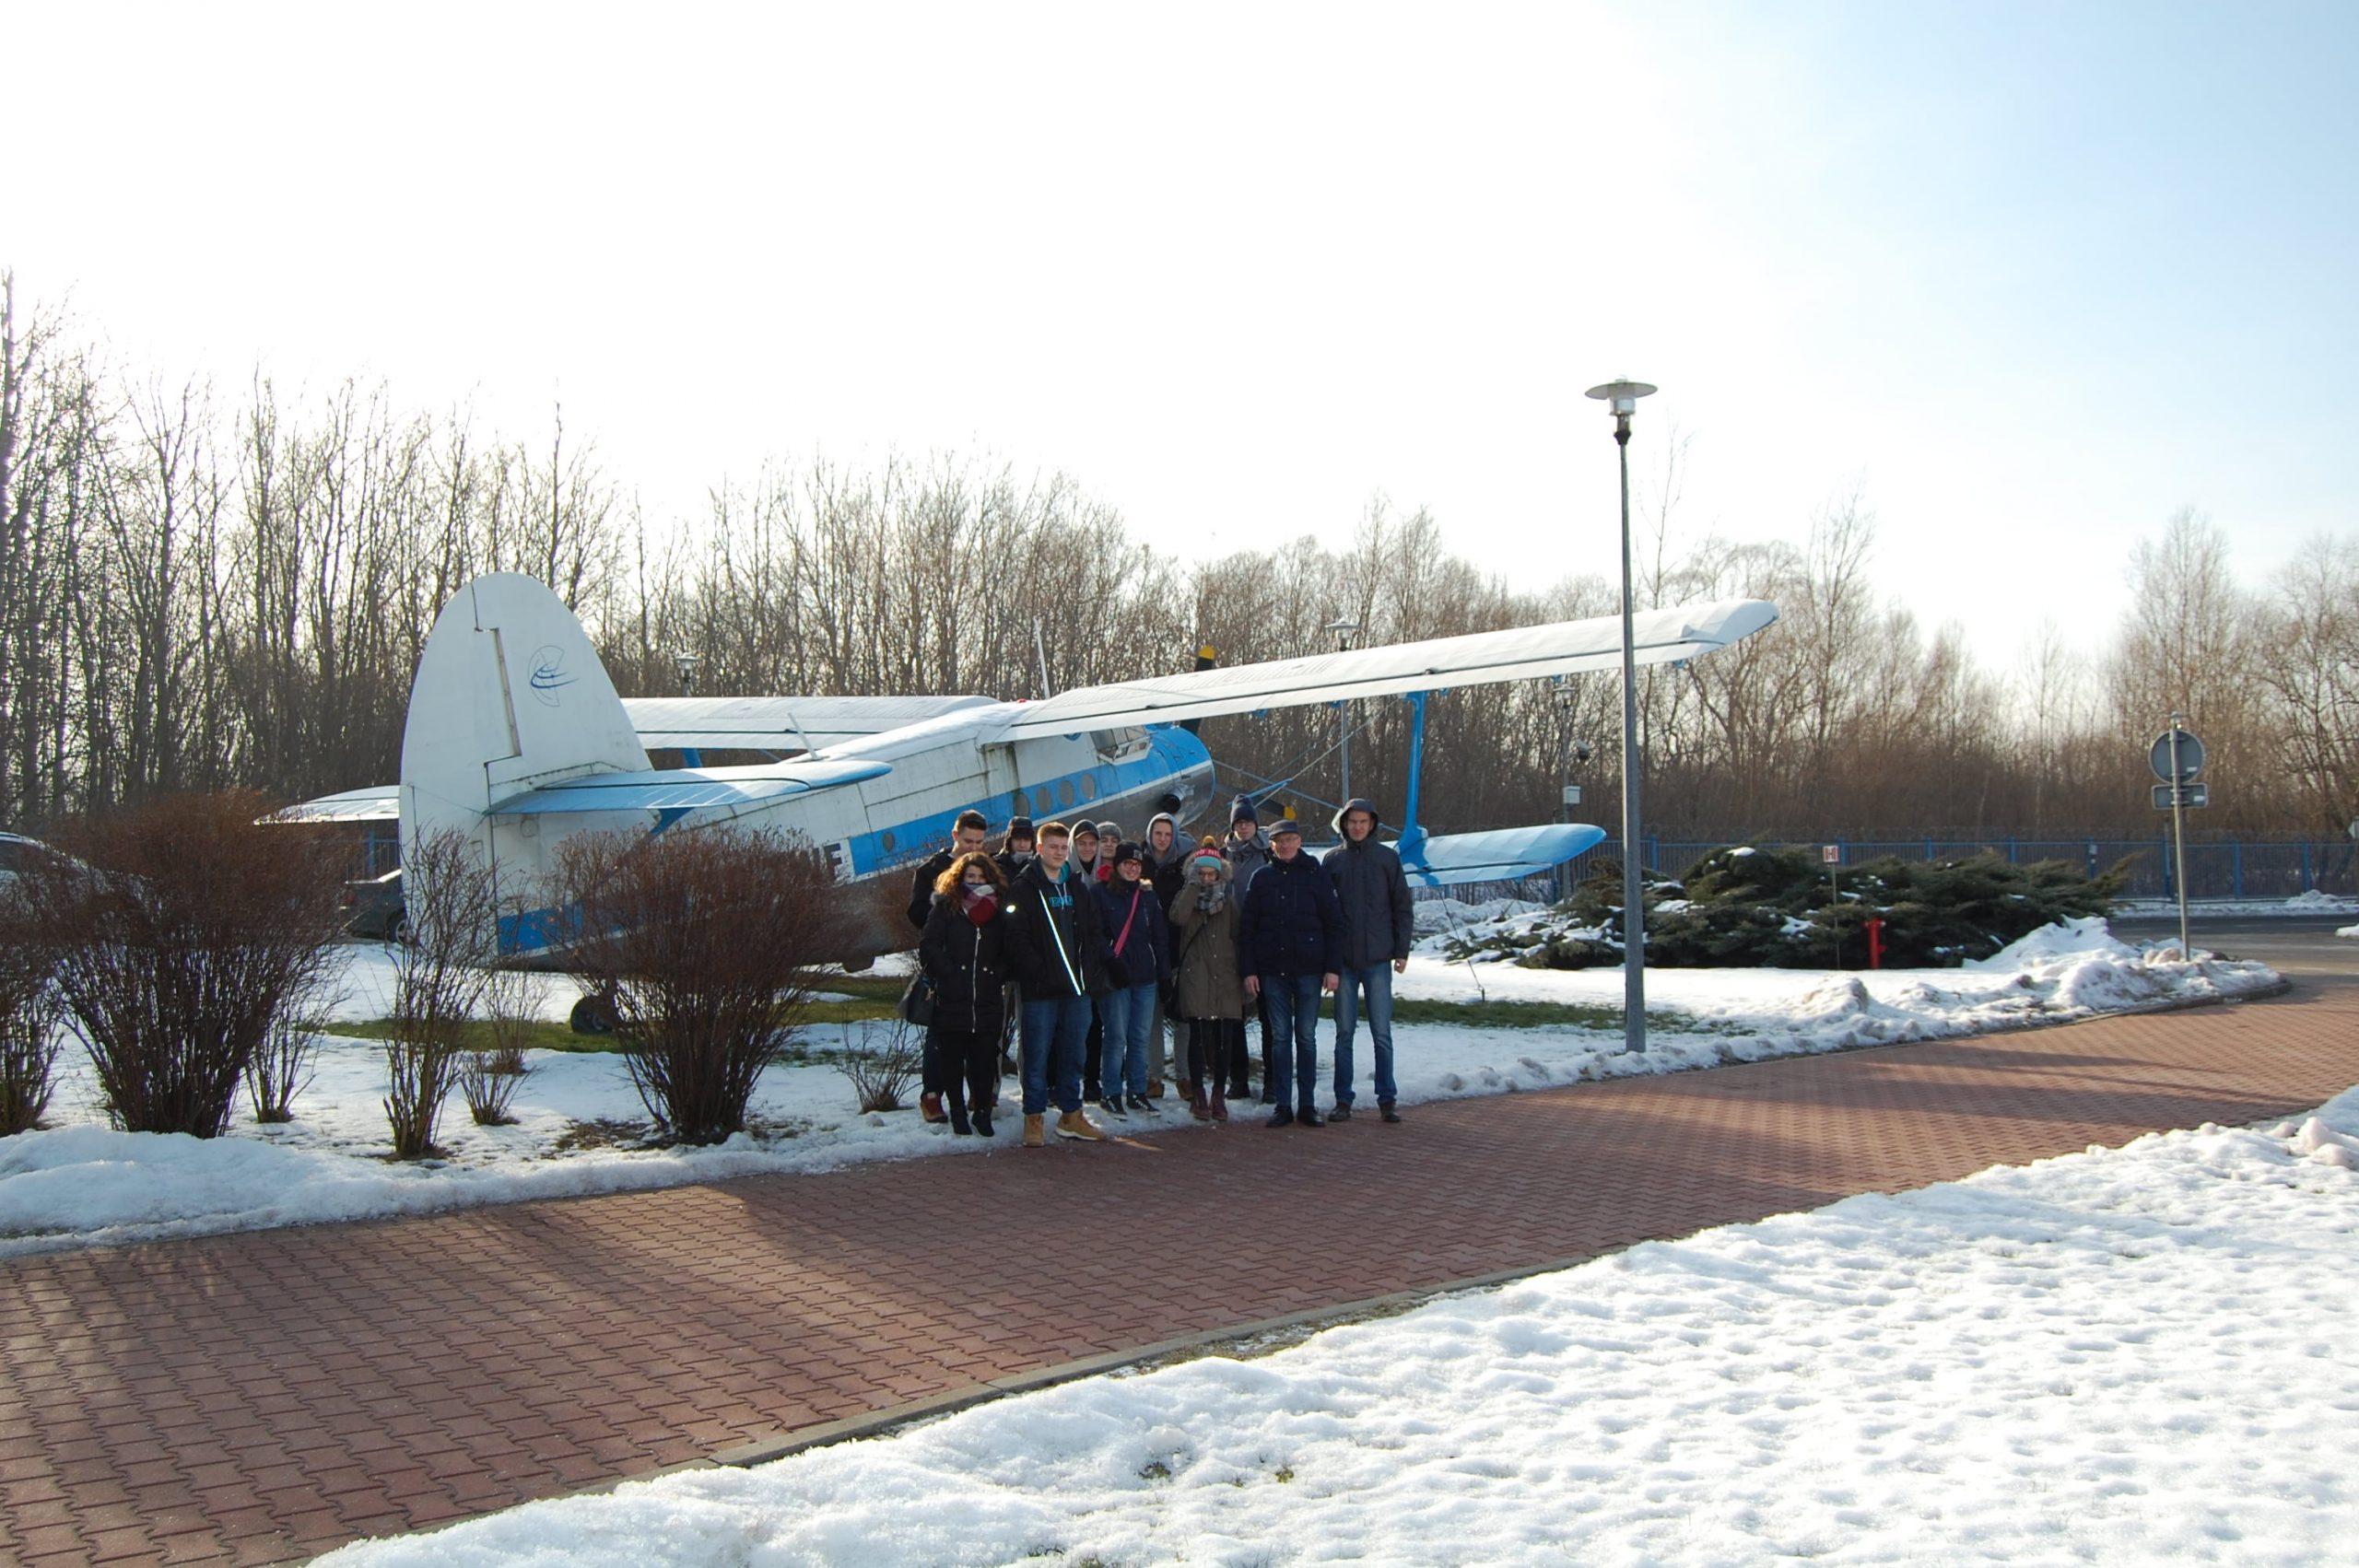 Z wizytą w Polskiej Agencji Żeglugi Powietrznej